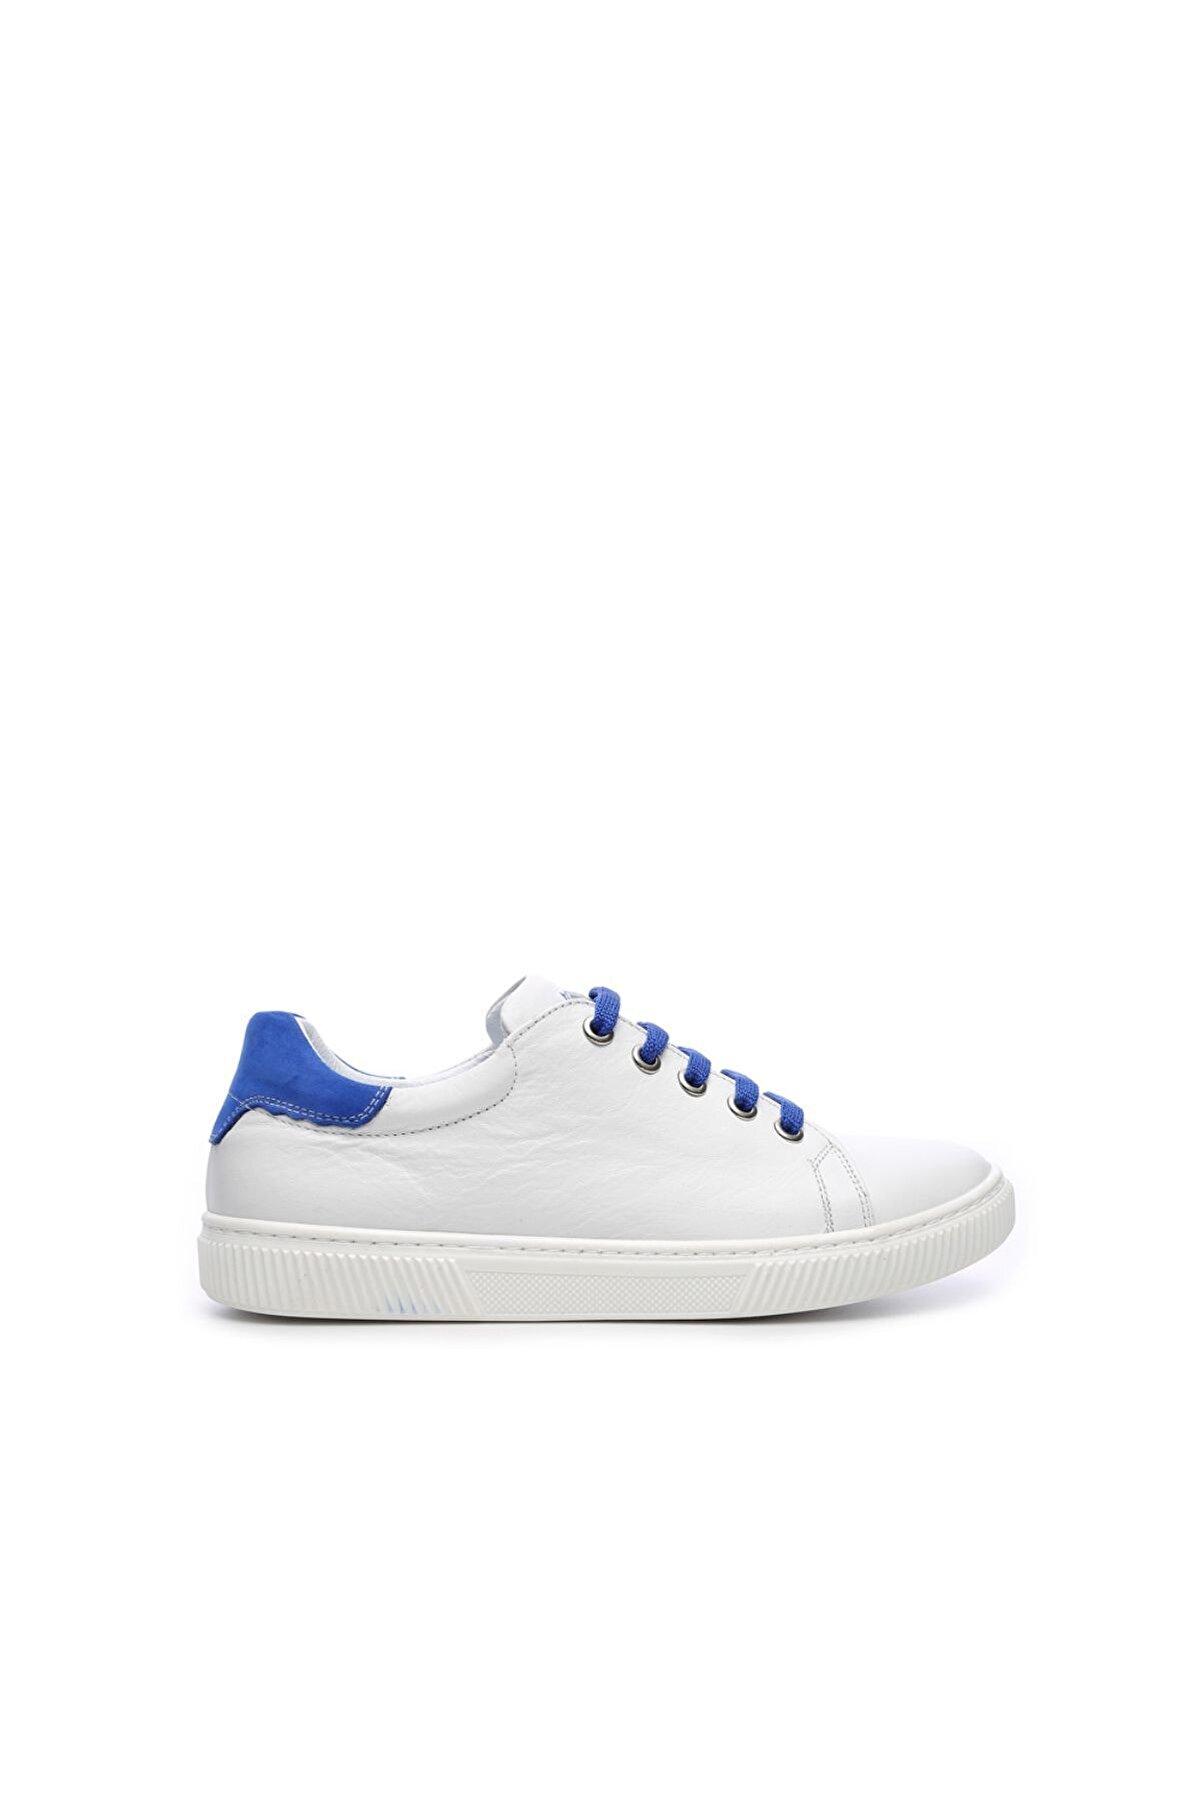 Kemal Tanca Çocuk Derı Çocuk Ayakkabı Ayakkabı 632 1948 CCK AYK 31-36 Y19